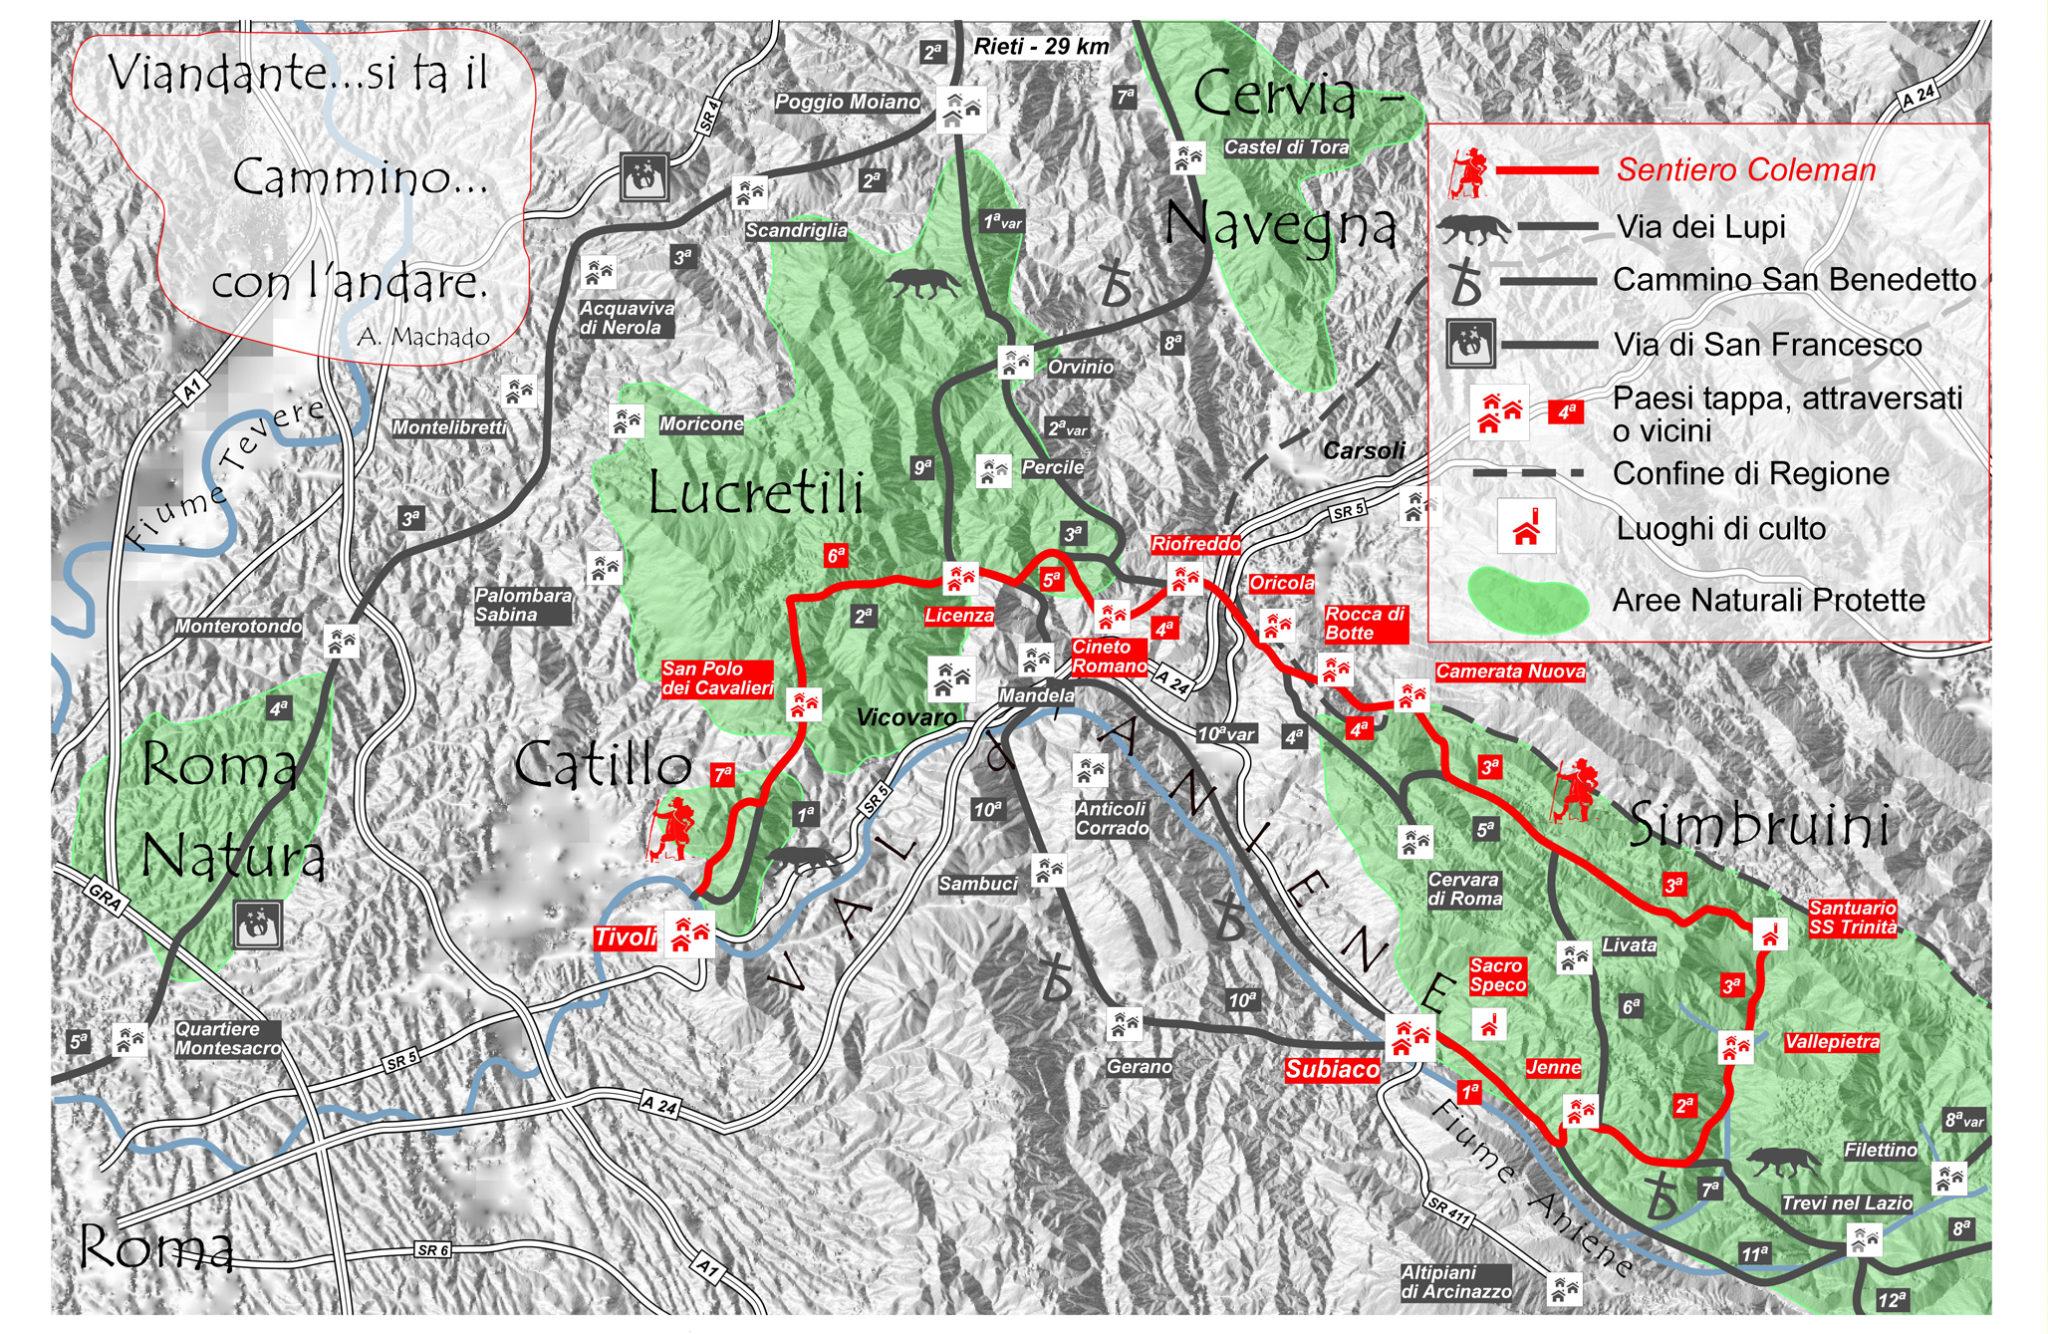 tracciato_sentiero-coleman_trekking